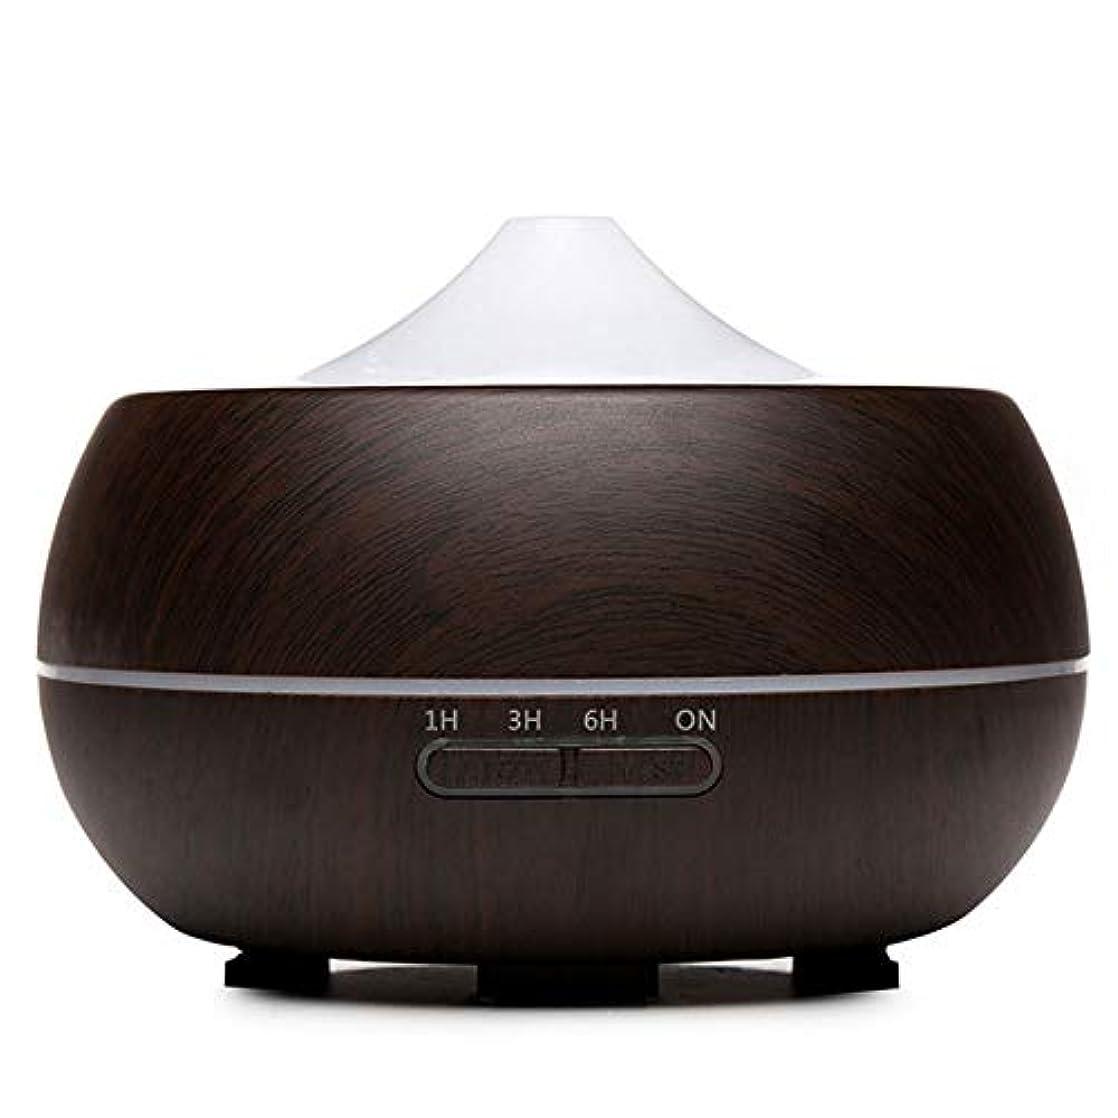 お誕生日ライオンデザート300 ml アロマテラピー エッセンシャル オイル ディフューザー, 超音波 涼しい霧 humidmifier アロマディフューザー タイマー付き 7色変換 夜のライト 空焚き防止機能搭載-ブラック 17x12cm